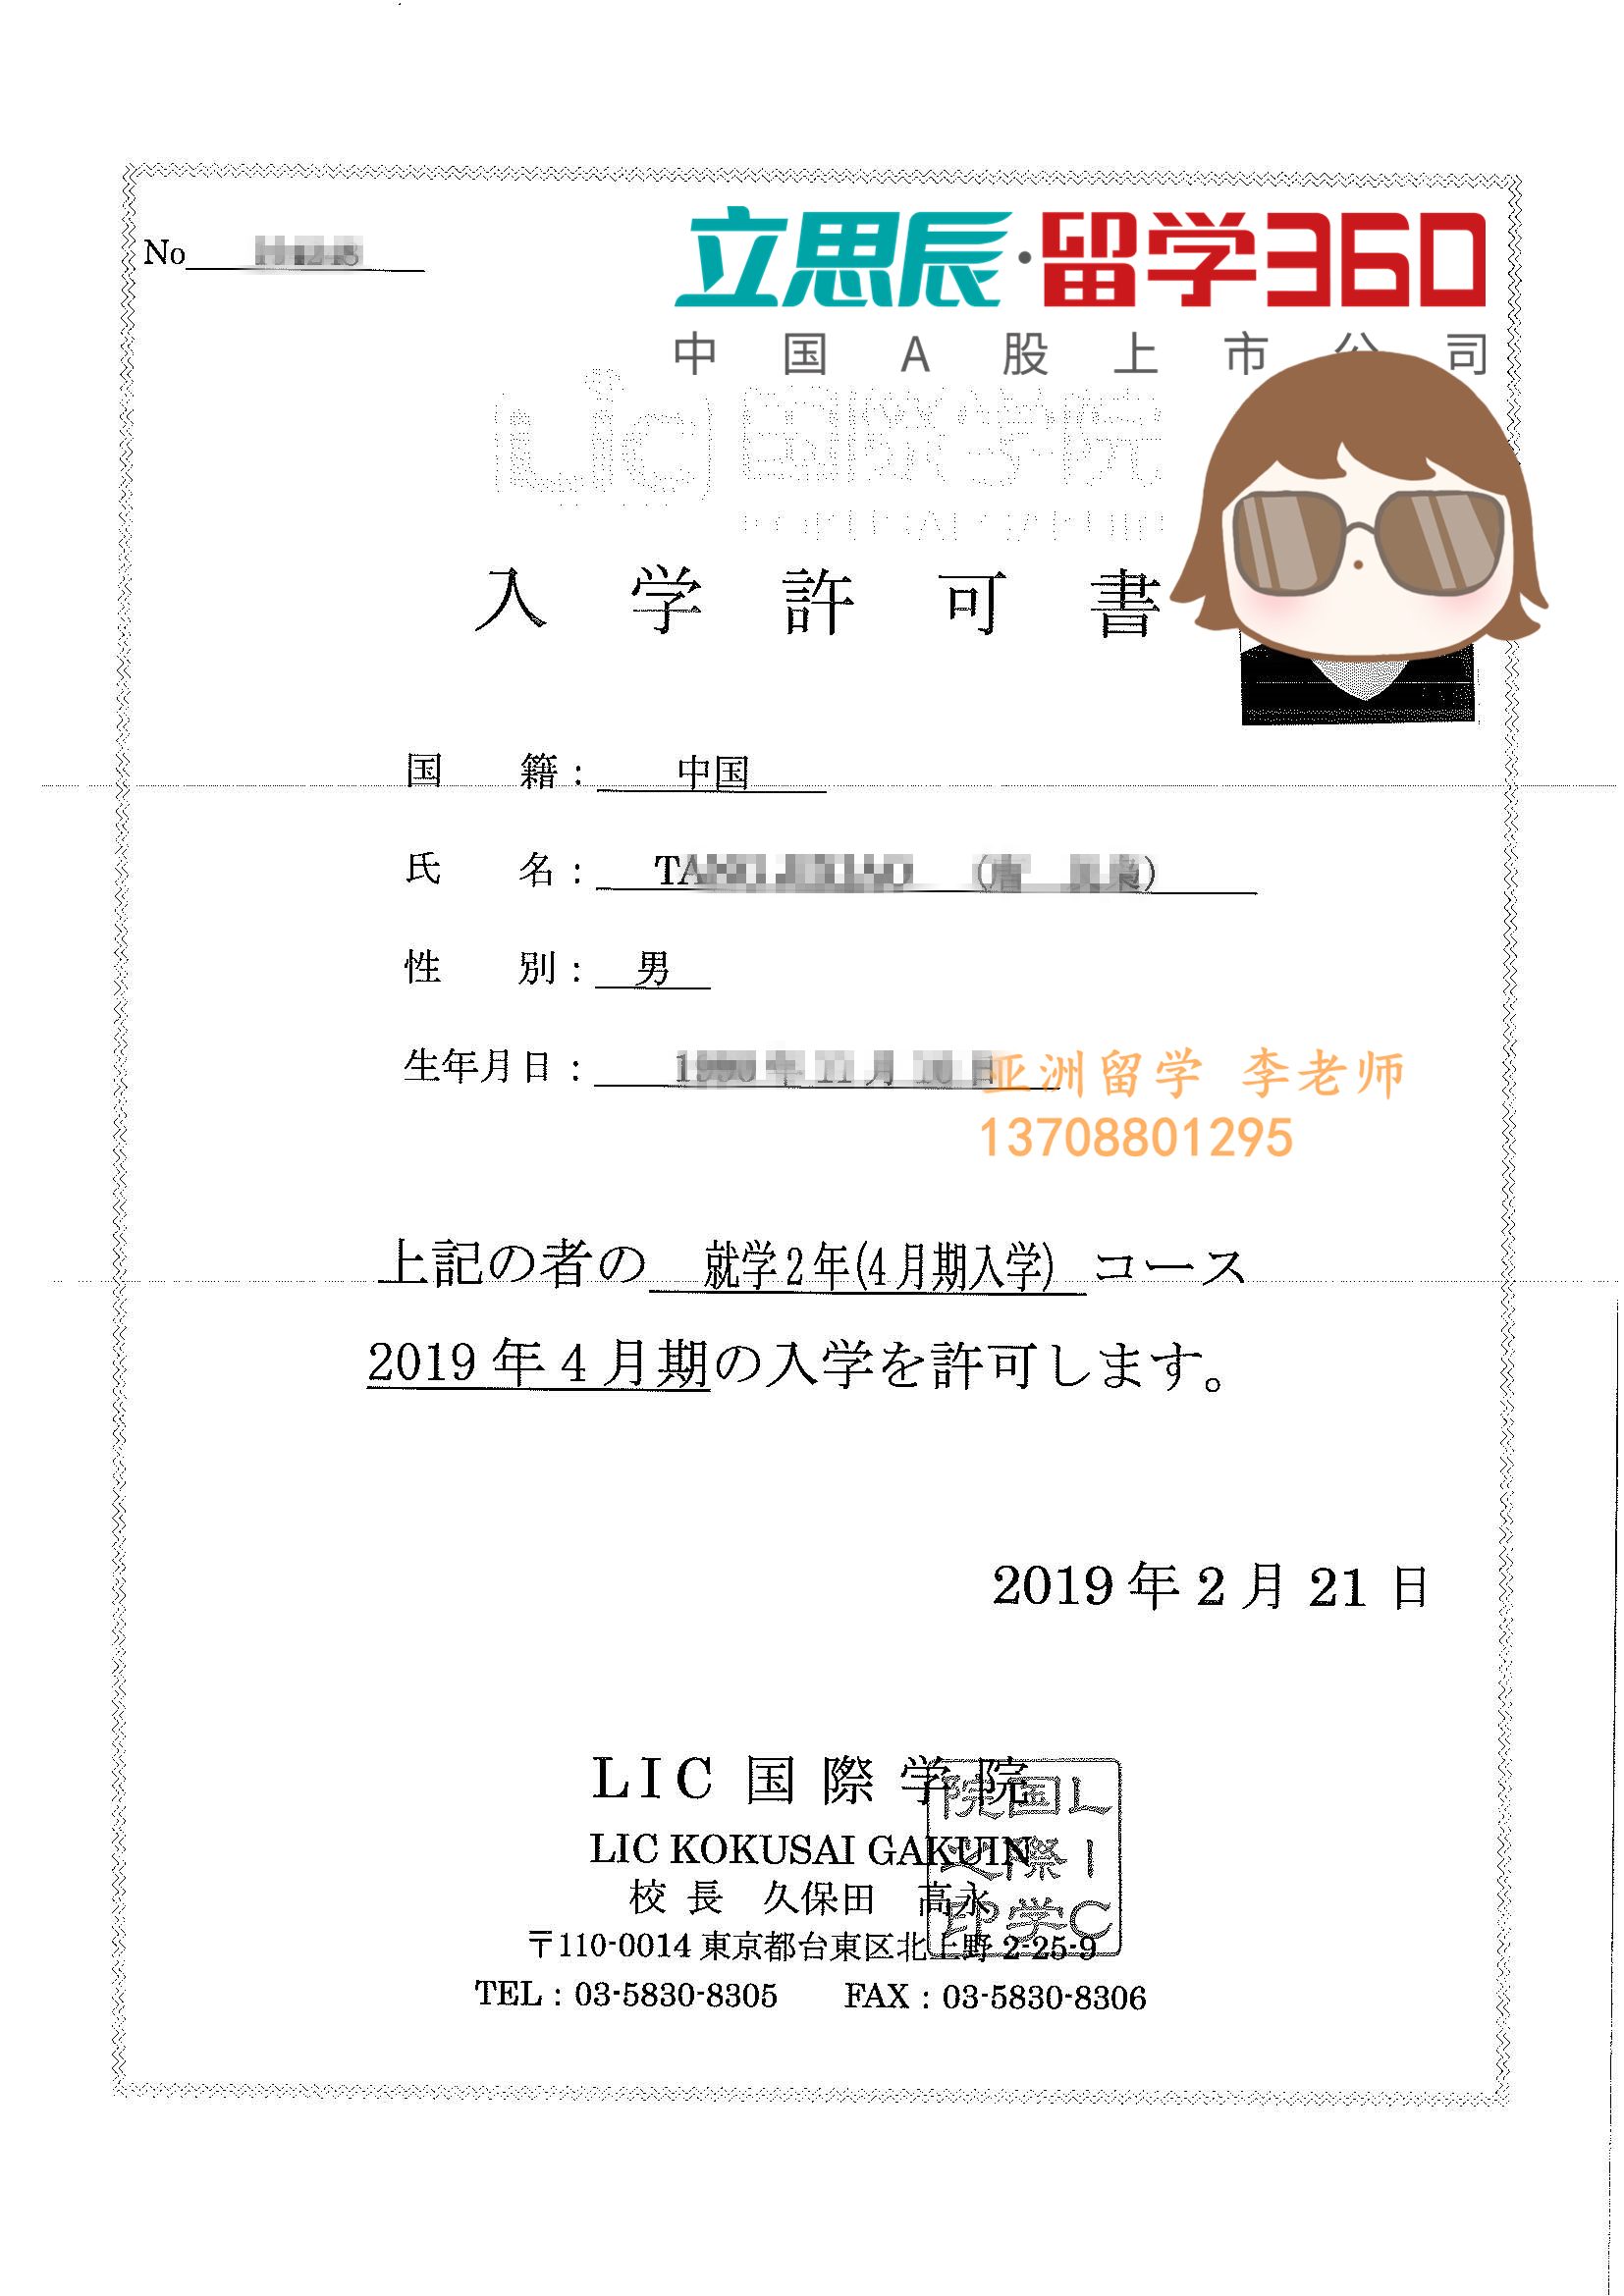 名师指导,国内工科生成功跨专业日本LIC国际学院offer!